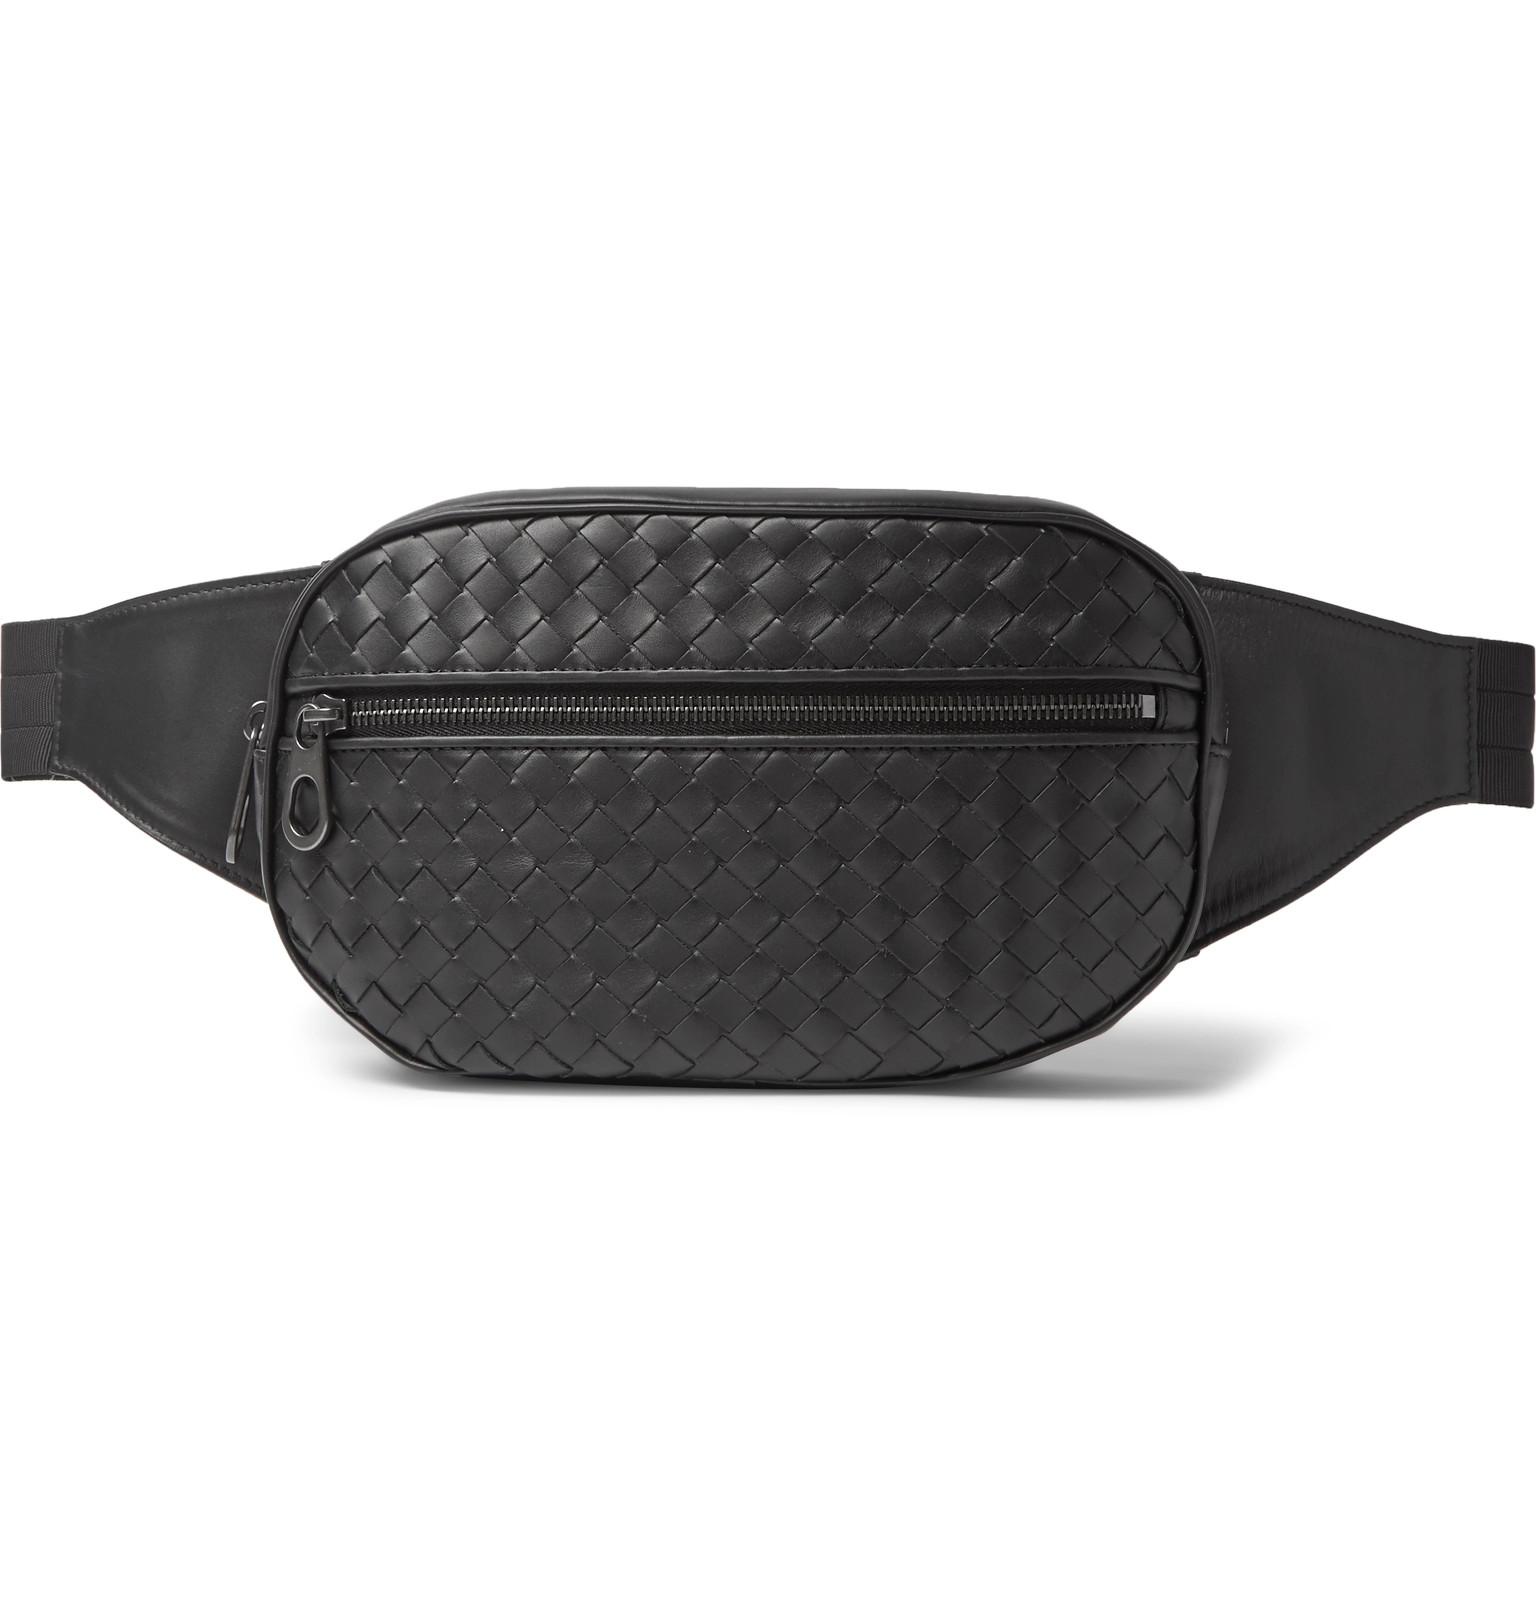 d7a76ddb7eb5 Bottega Veneta - Intrecciato Leather Belt Bag